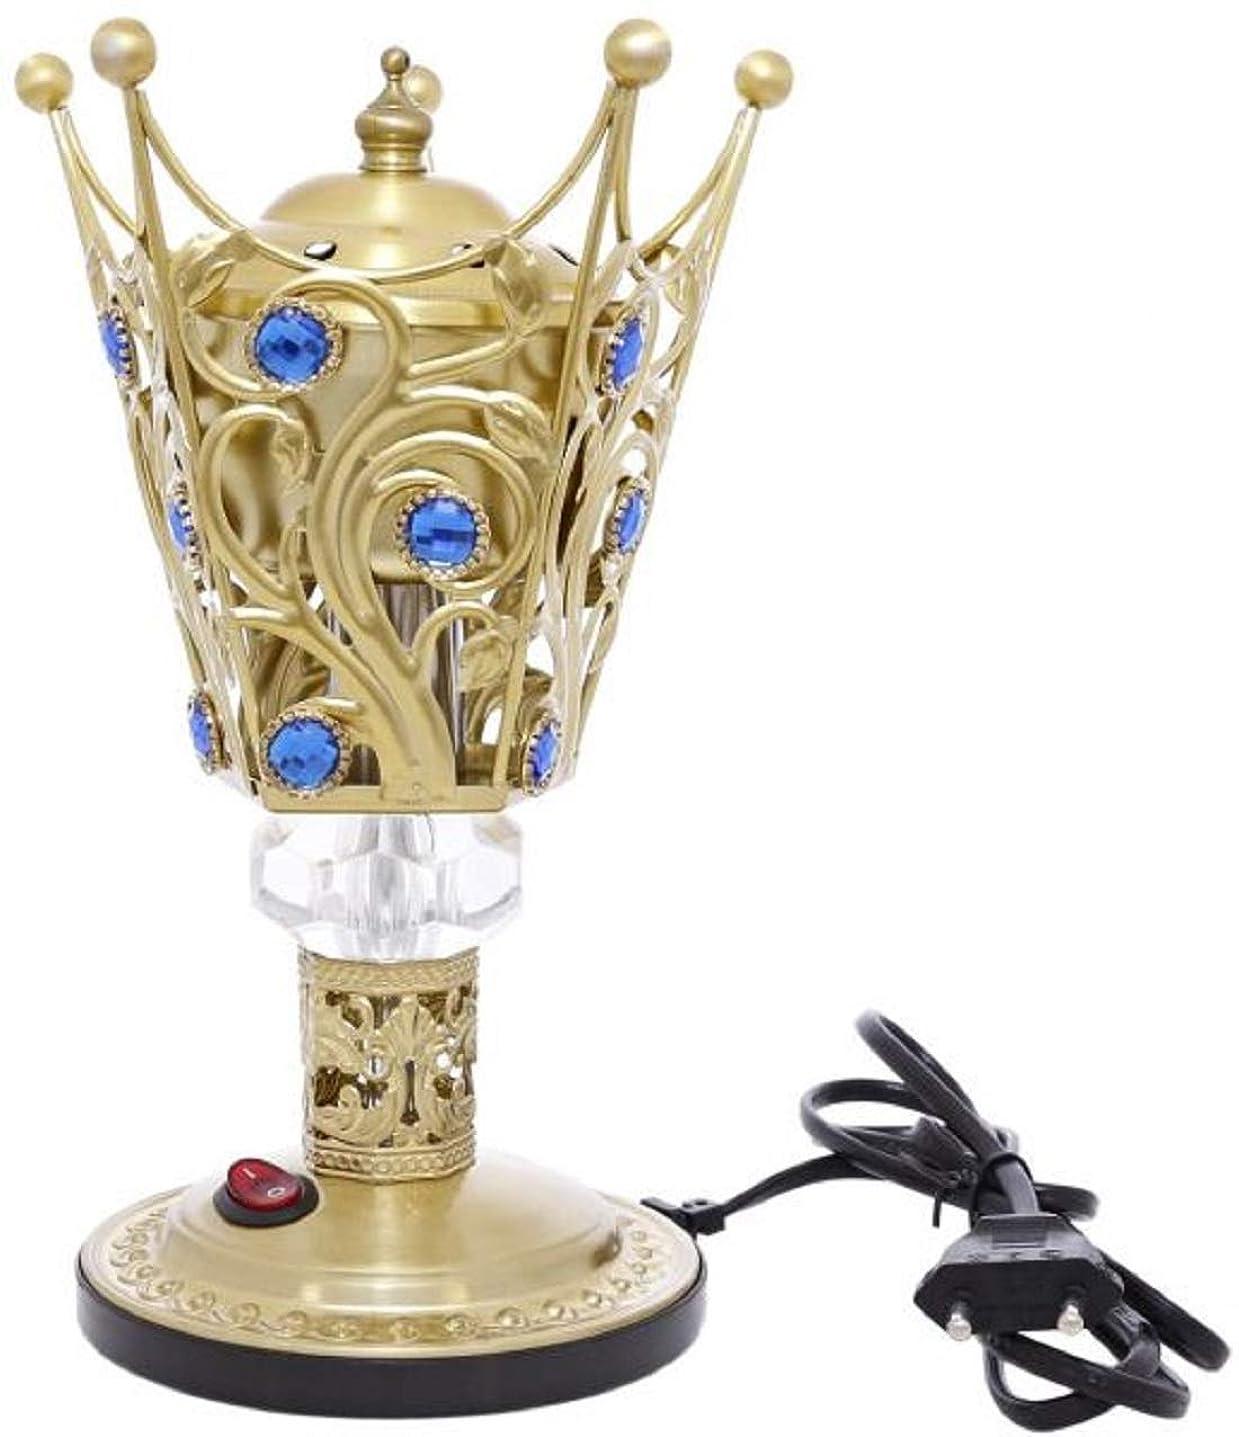 泣く格納受取人OMG-Deal Electric Bakhoor Burner Electric Incense Burner +Camphor- Oud Resin Frankincense Camphor Positive Energy Gift - WF-027- Golden